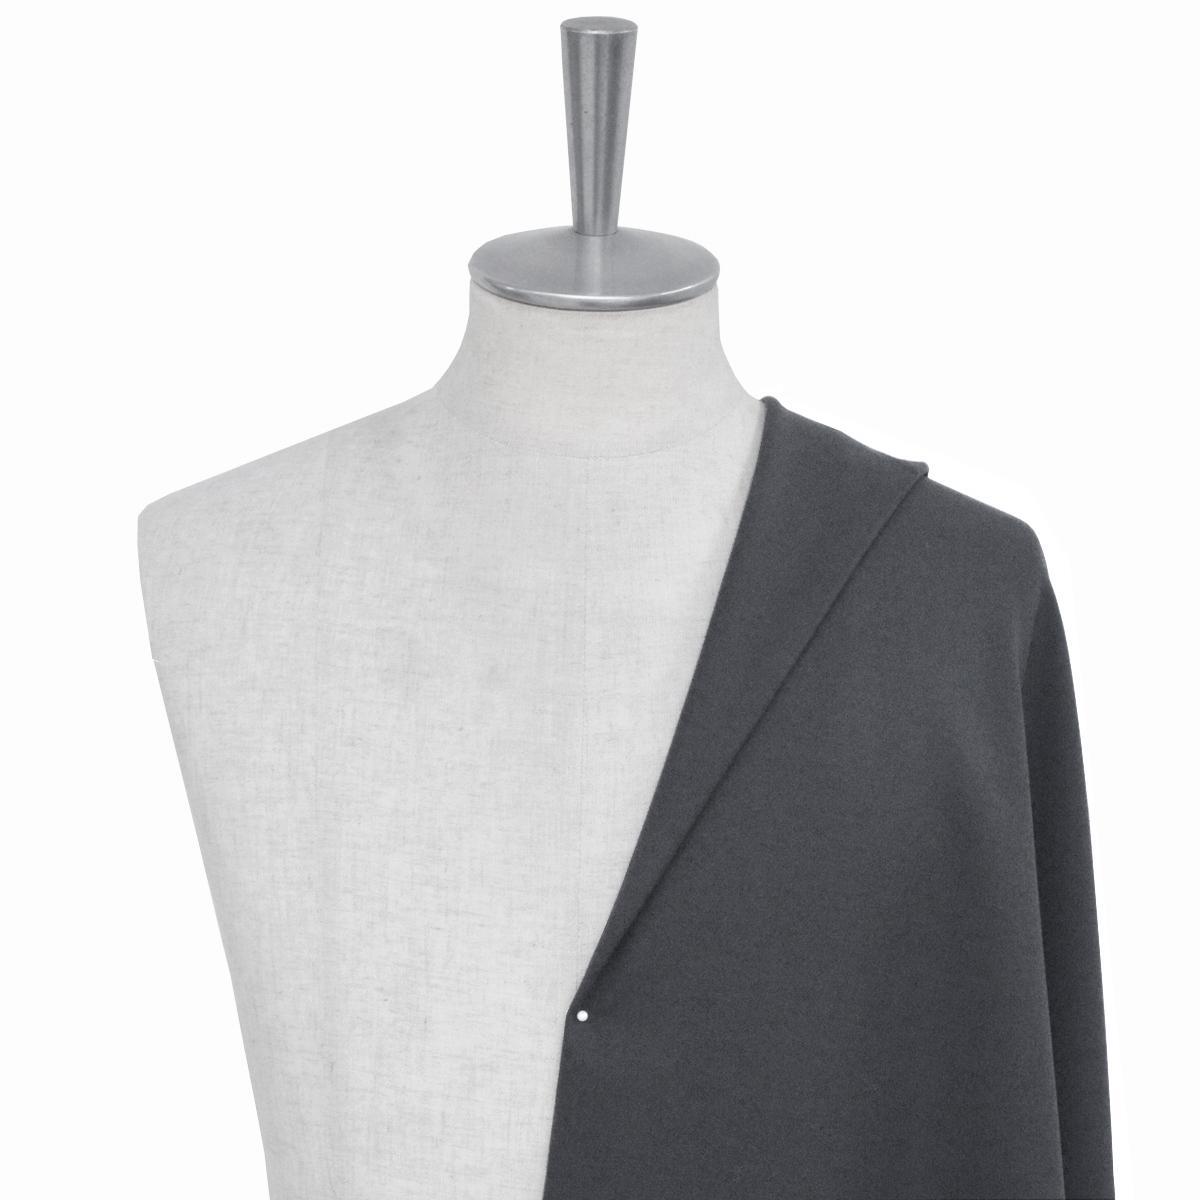 [オーダースーツ]モヘア混スーツで、サラっと感が持続!